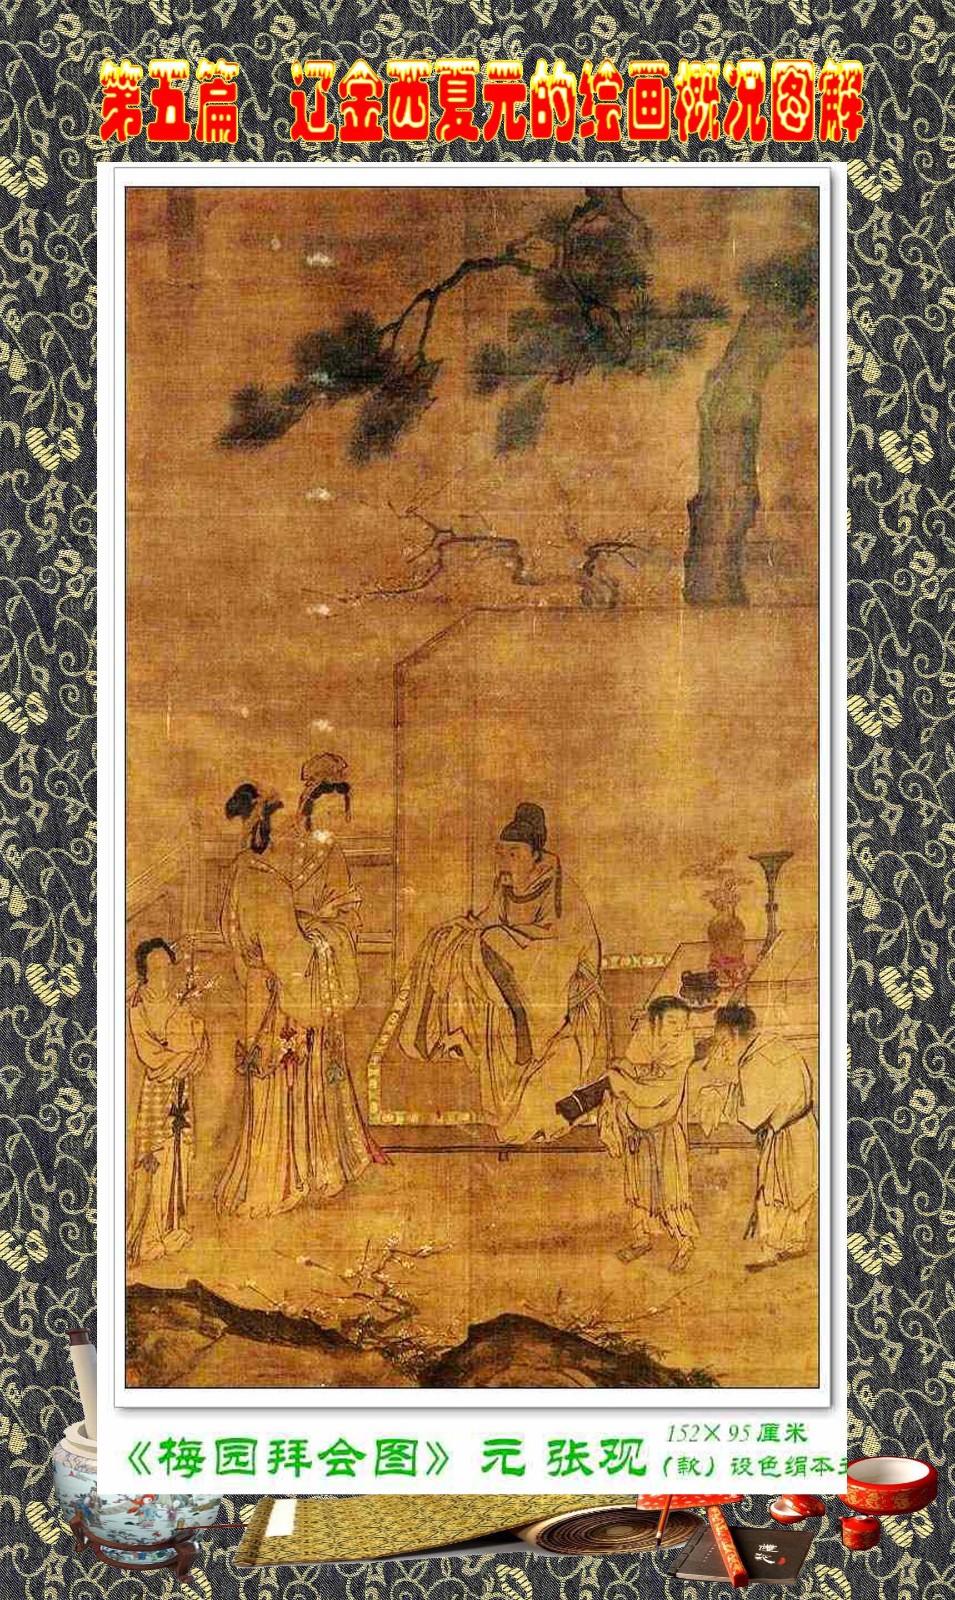 顾绍骅编辑 中国画知识普及版 第五篇 辽金西夏元的绘画概况 下 ... ..._图1-93